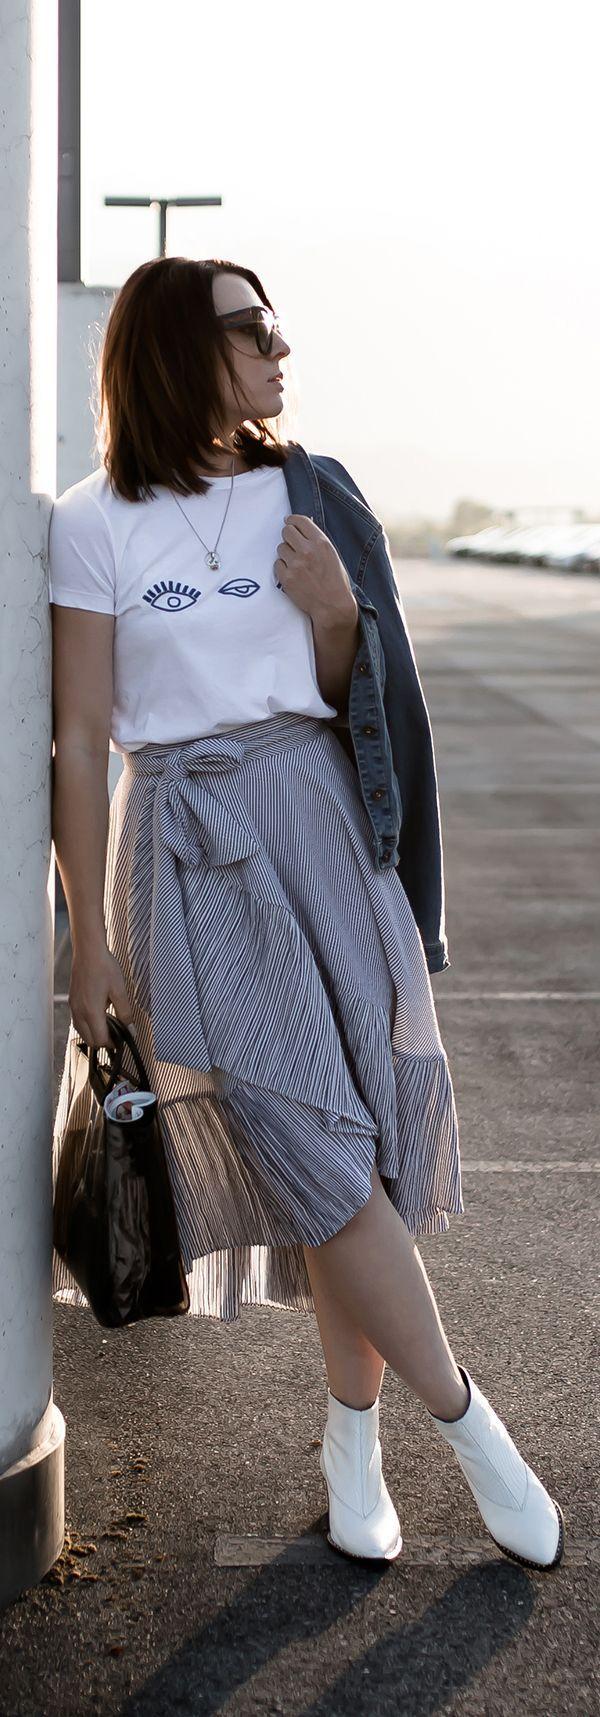 Transparente Tasche: So trage ich die neue It-Bag im Alltag! + Styling-Tipps! – Cool Style Boutique